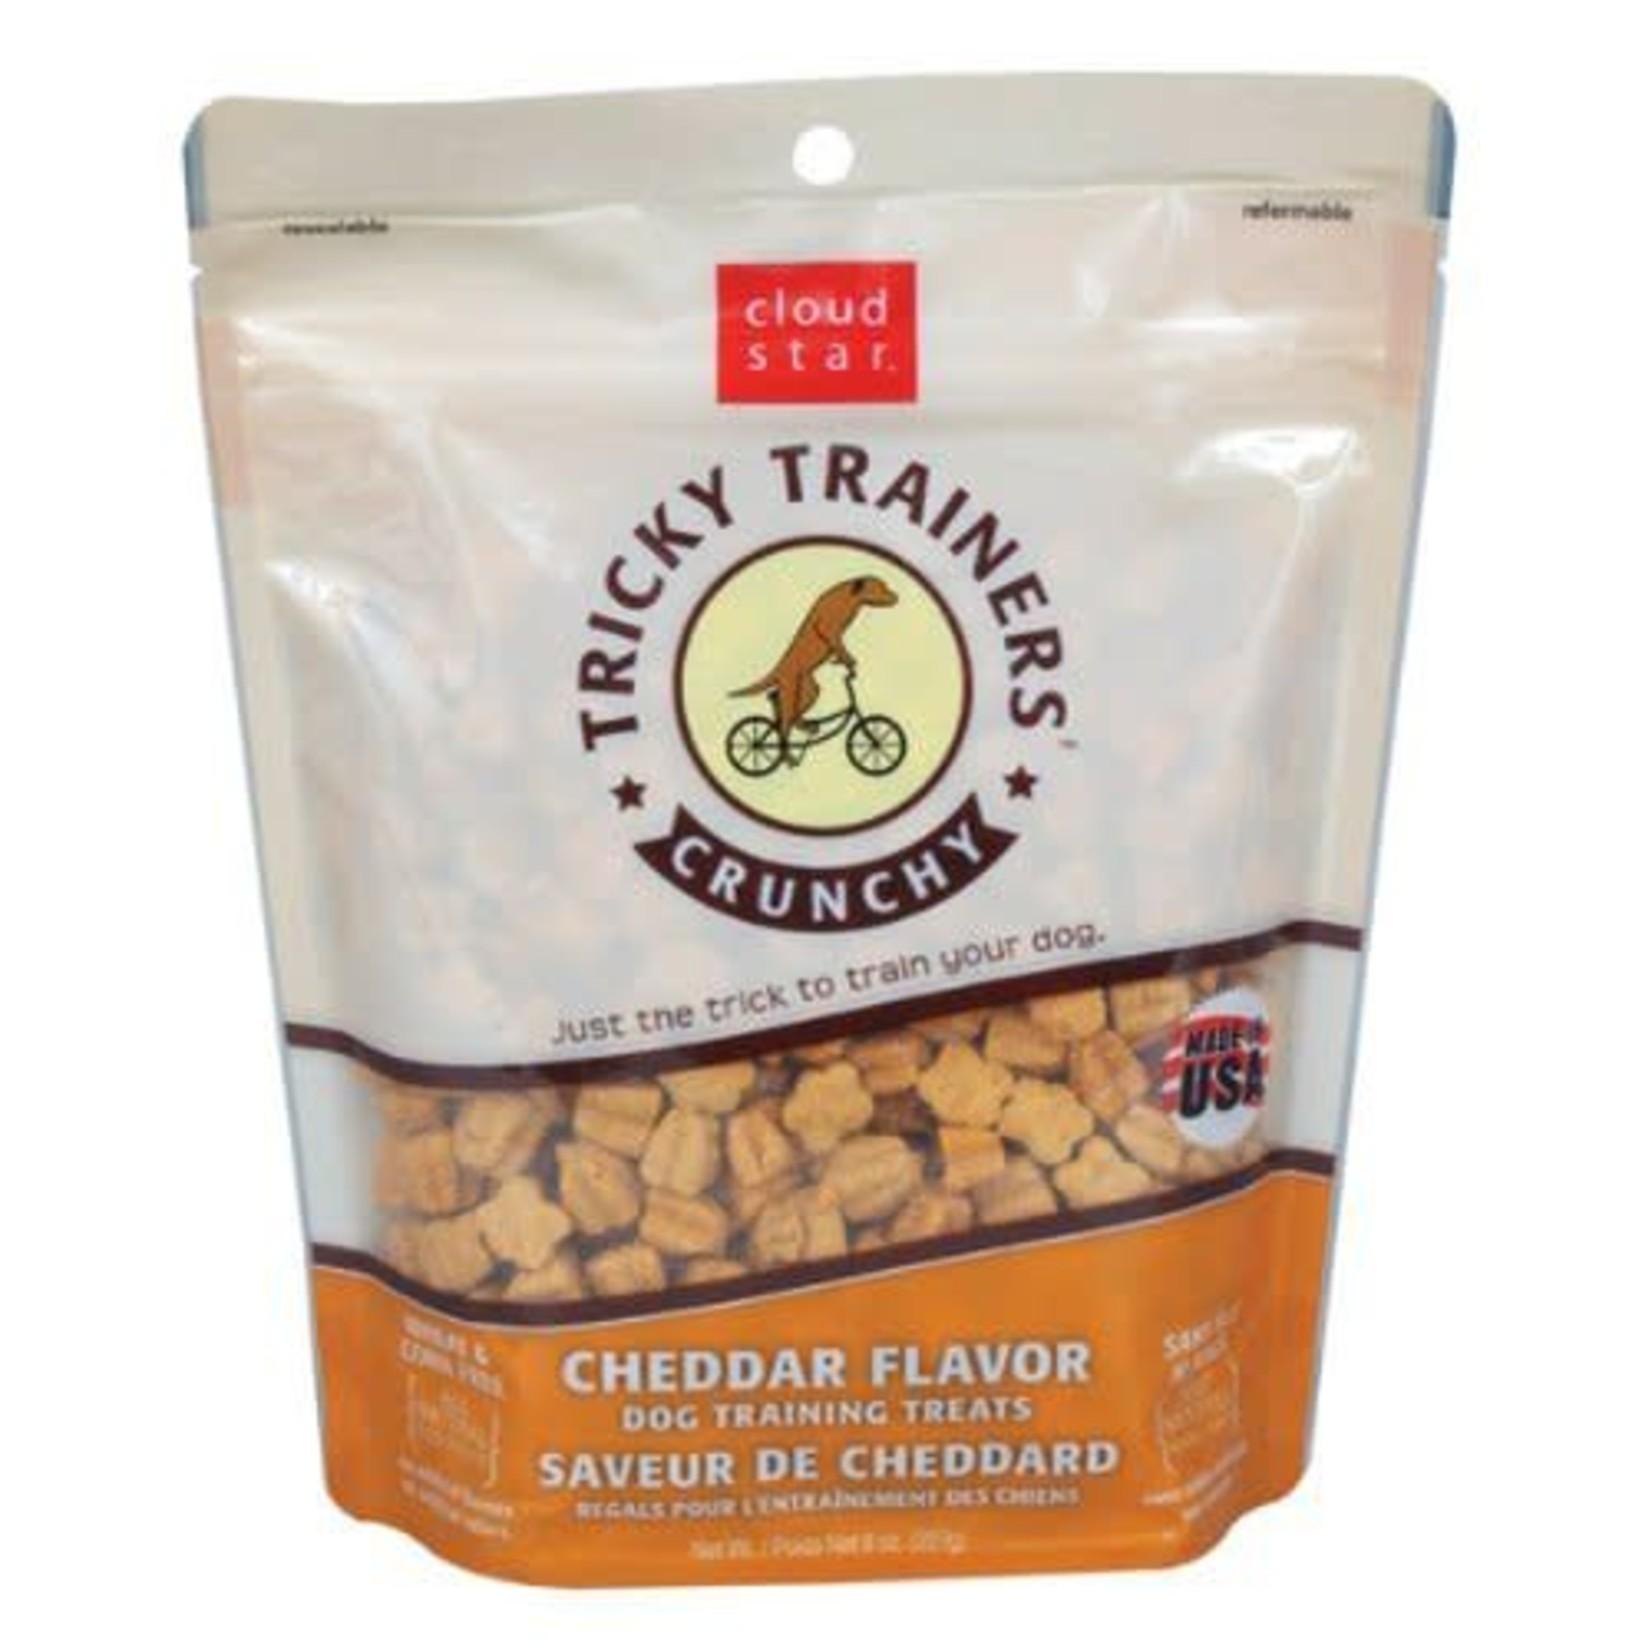 Cloud Star Tricky Trainers Crunchy Cheddar Treat 8 oz